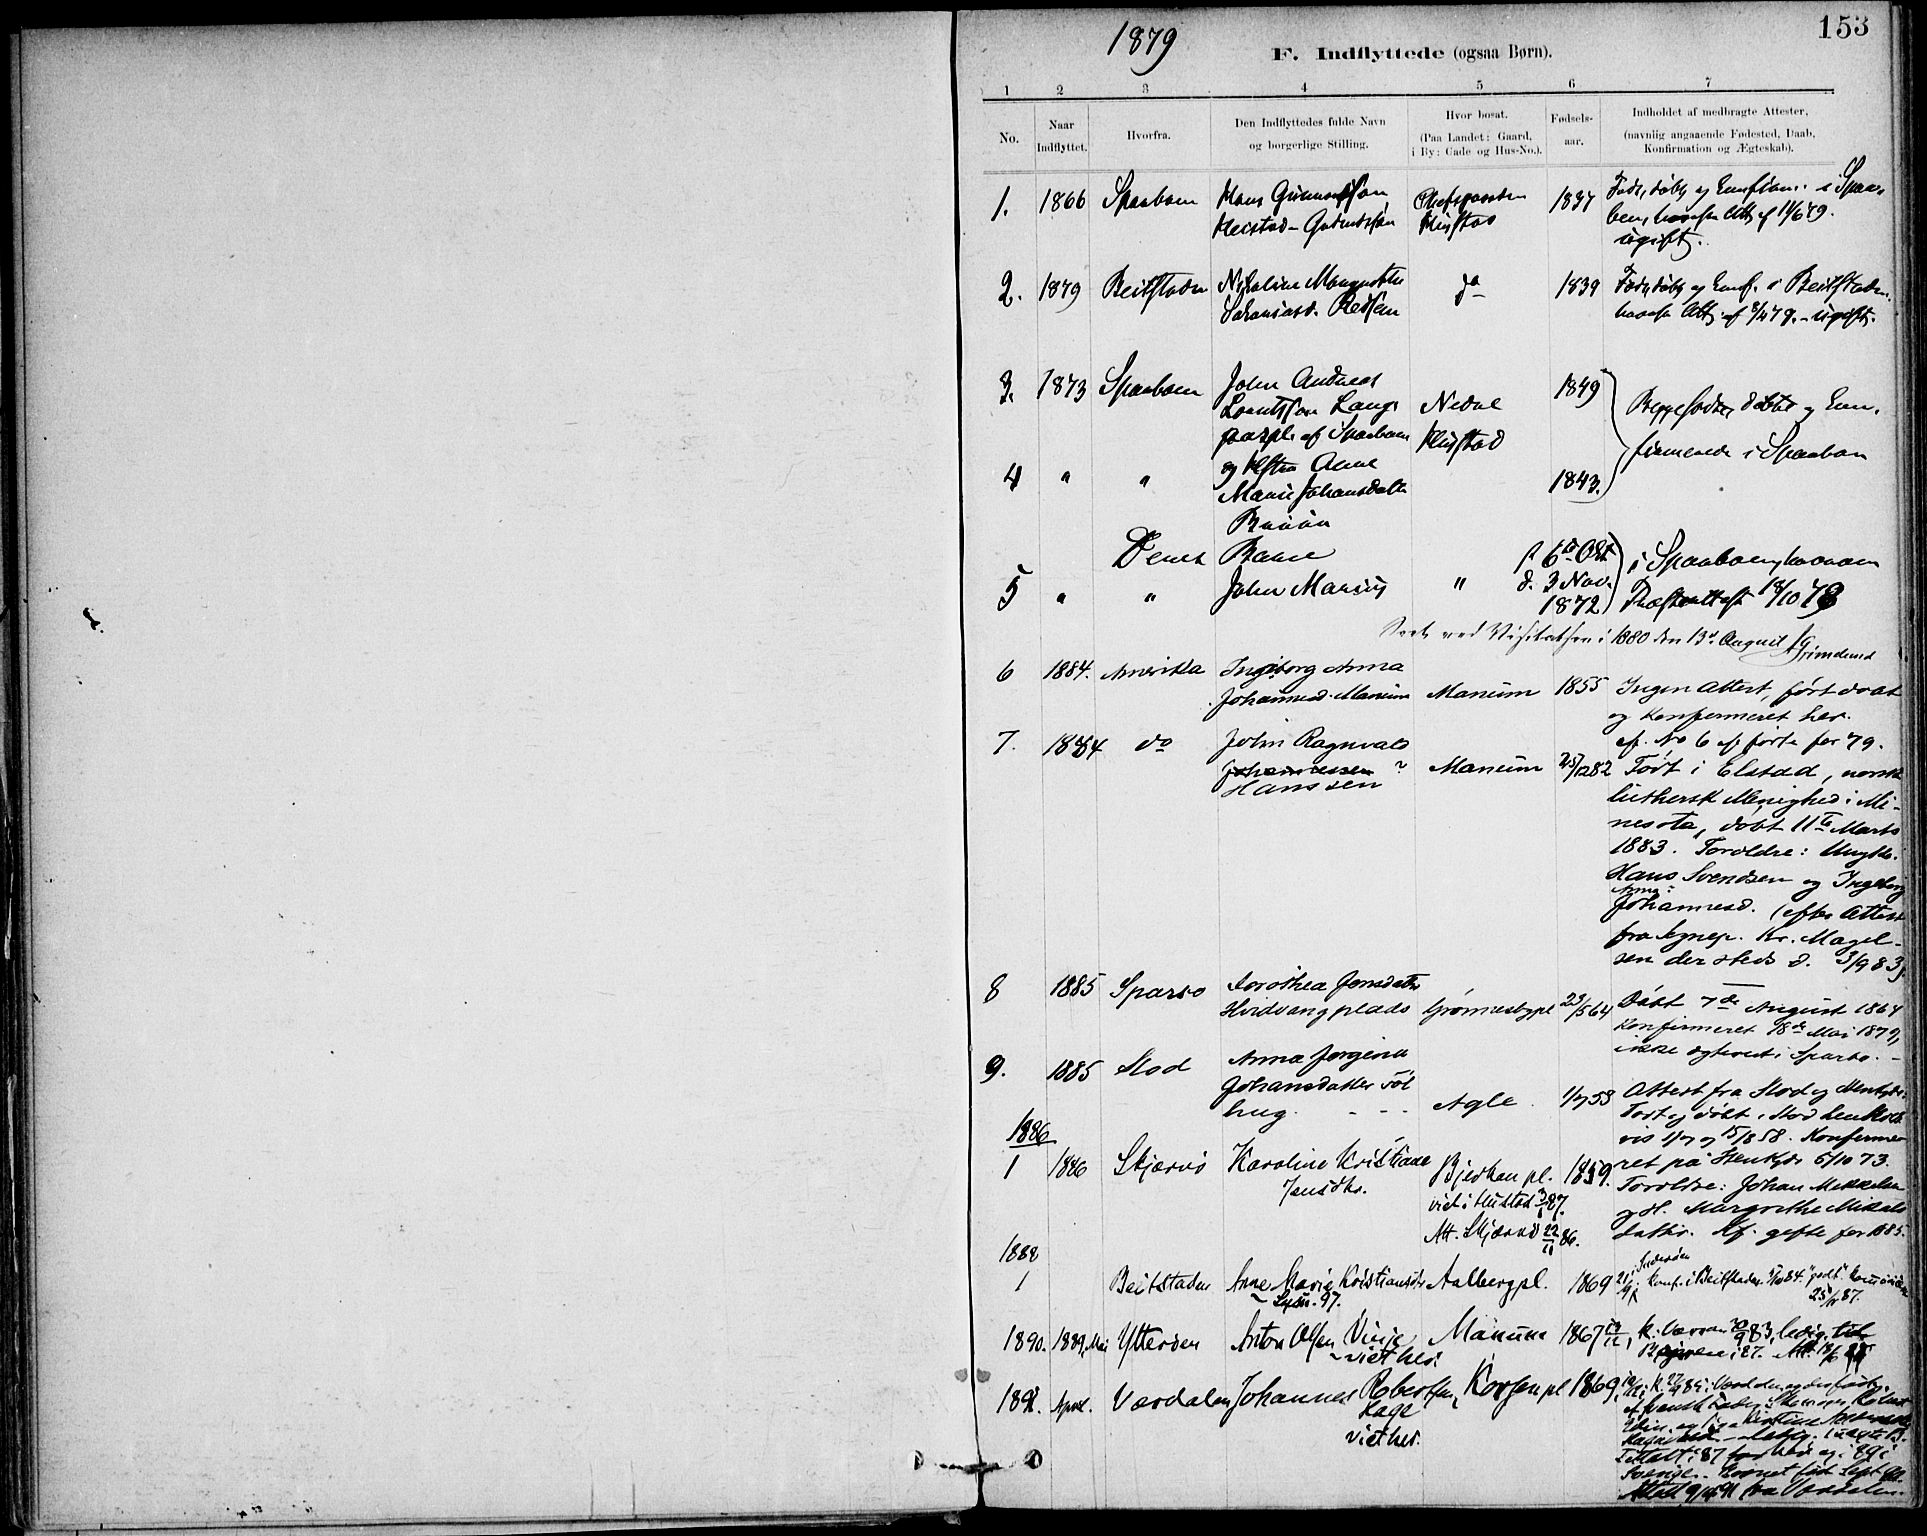 SAT, Ministerialprotokoller, klokkerbøker og fødselsregistre - Nord-Trøndelag, 732/L0316: Ministerialbok nr. 732A01, 1879-1921, s. 153